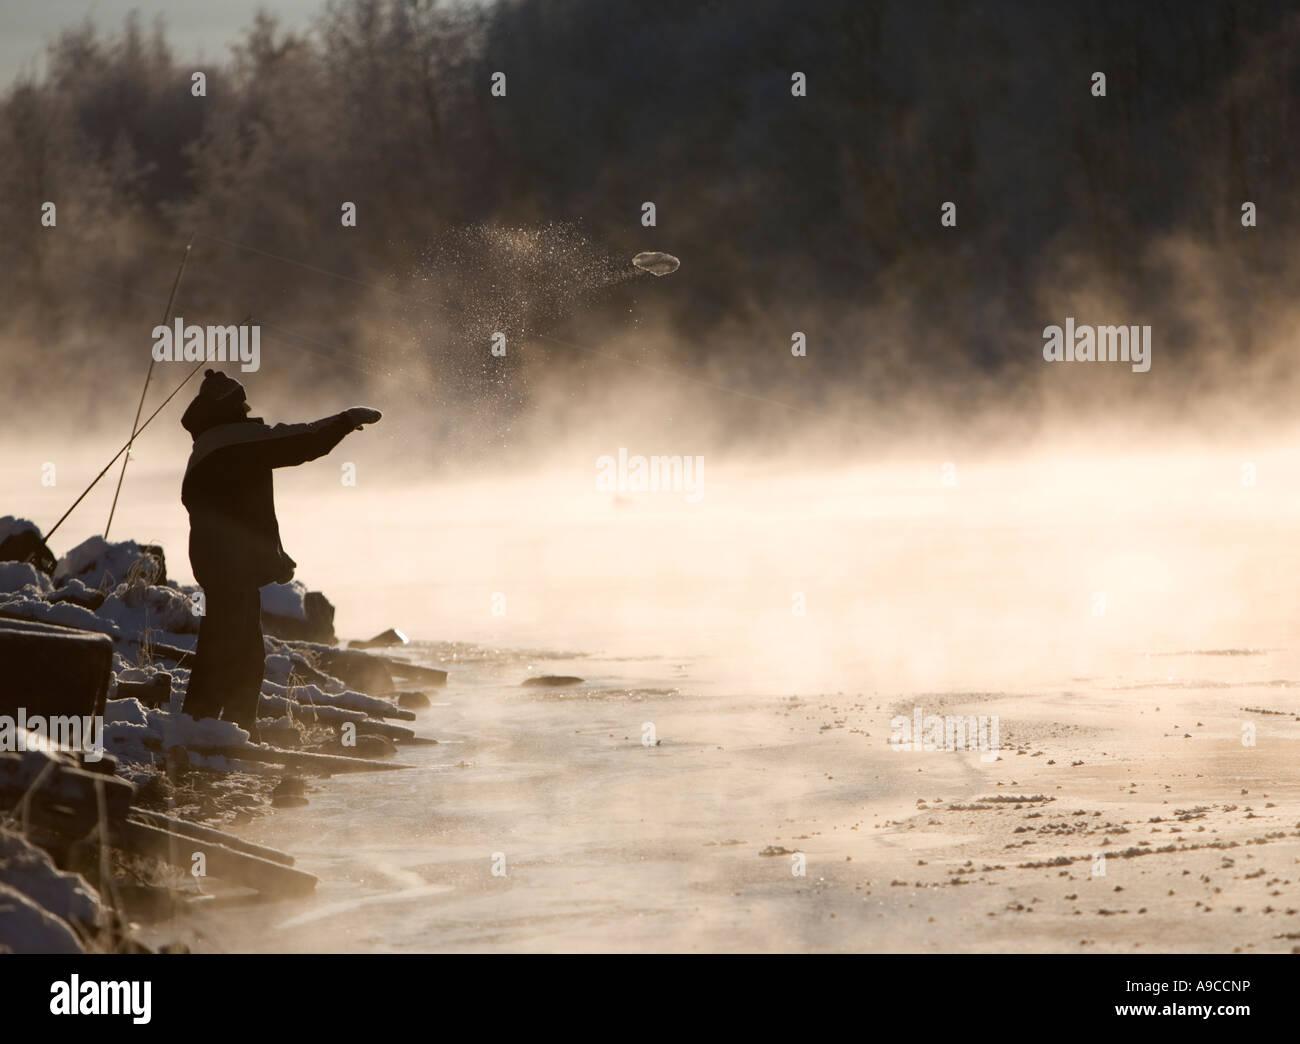 Silhouette d'un pêcheur à l'hiver qui tente de briser la glace en jetant un morceau de glace à Photo Stock